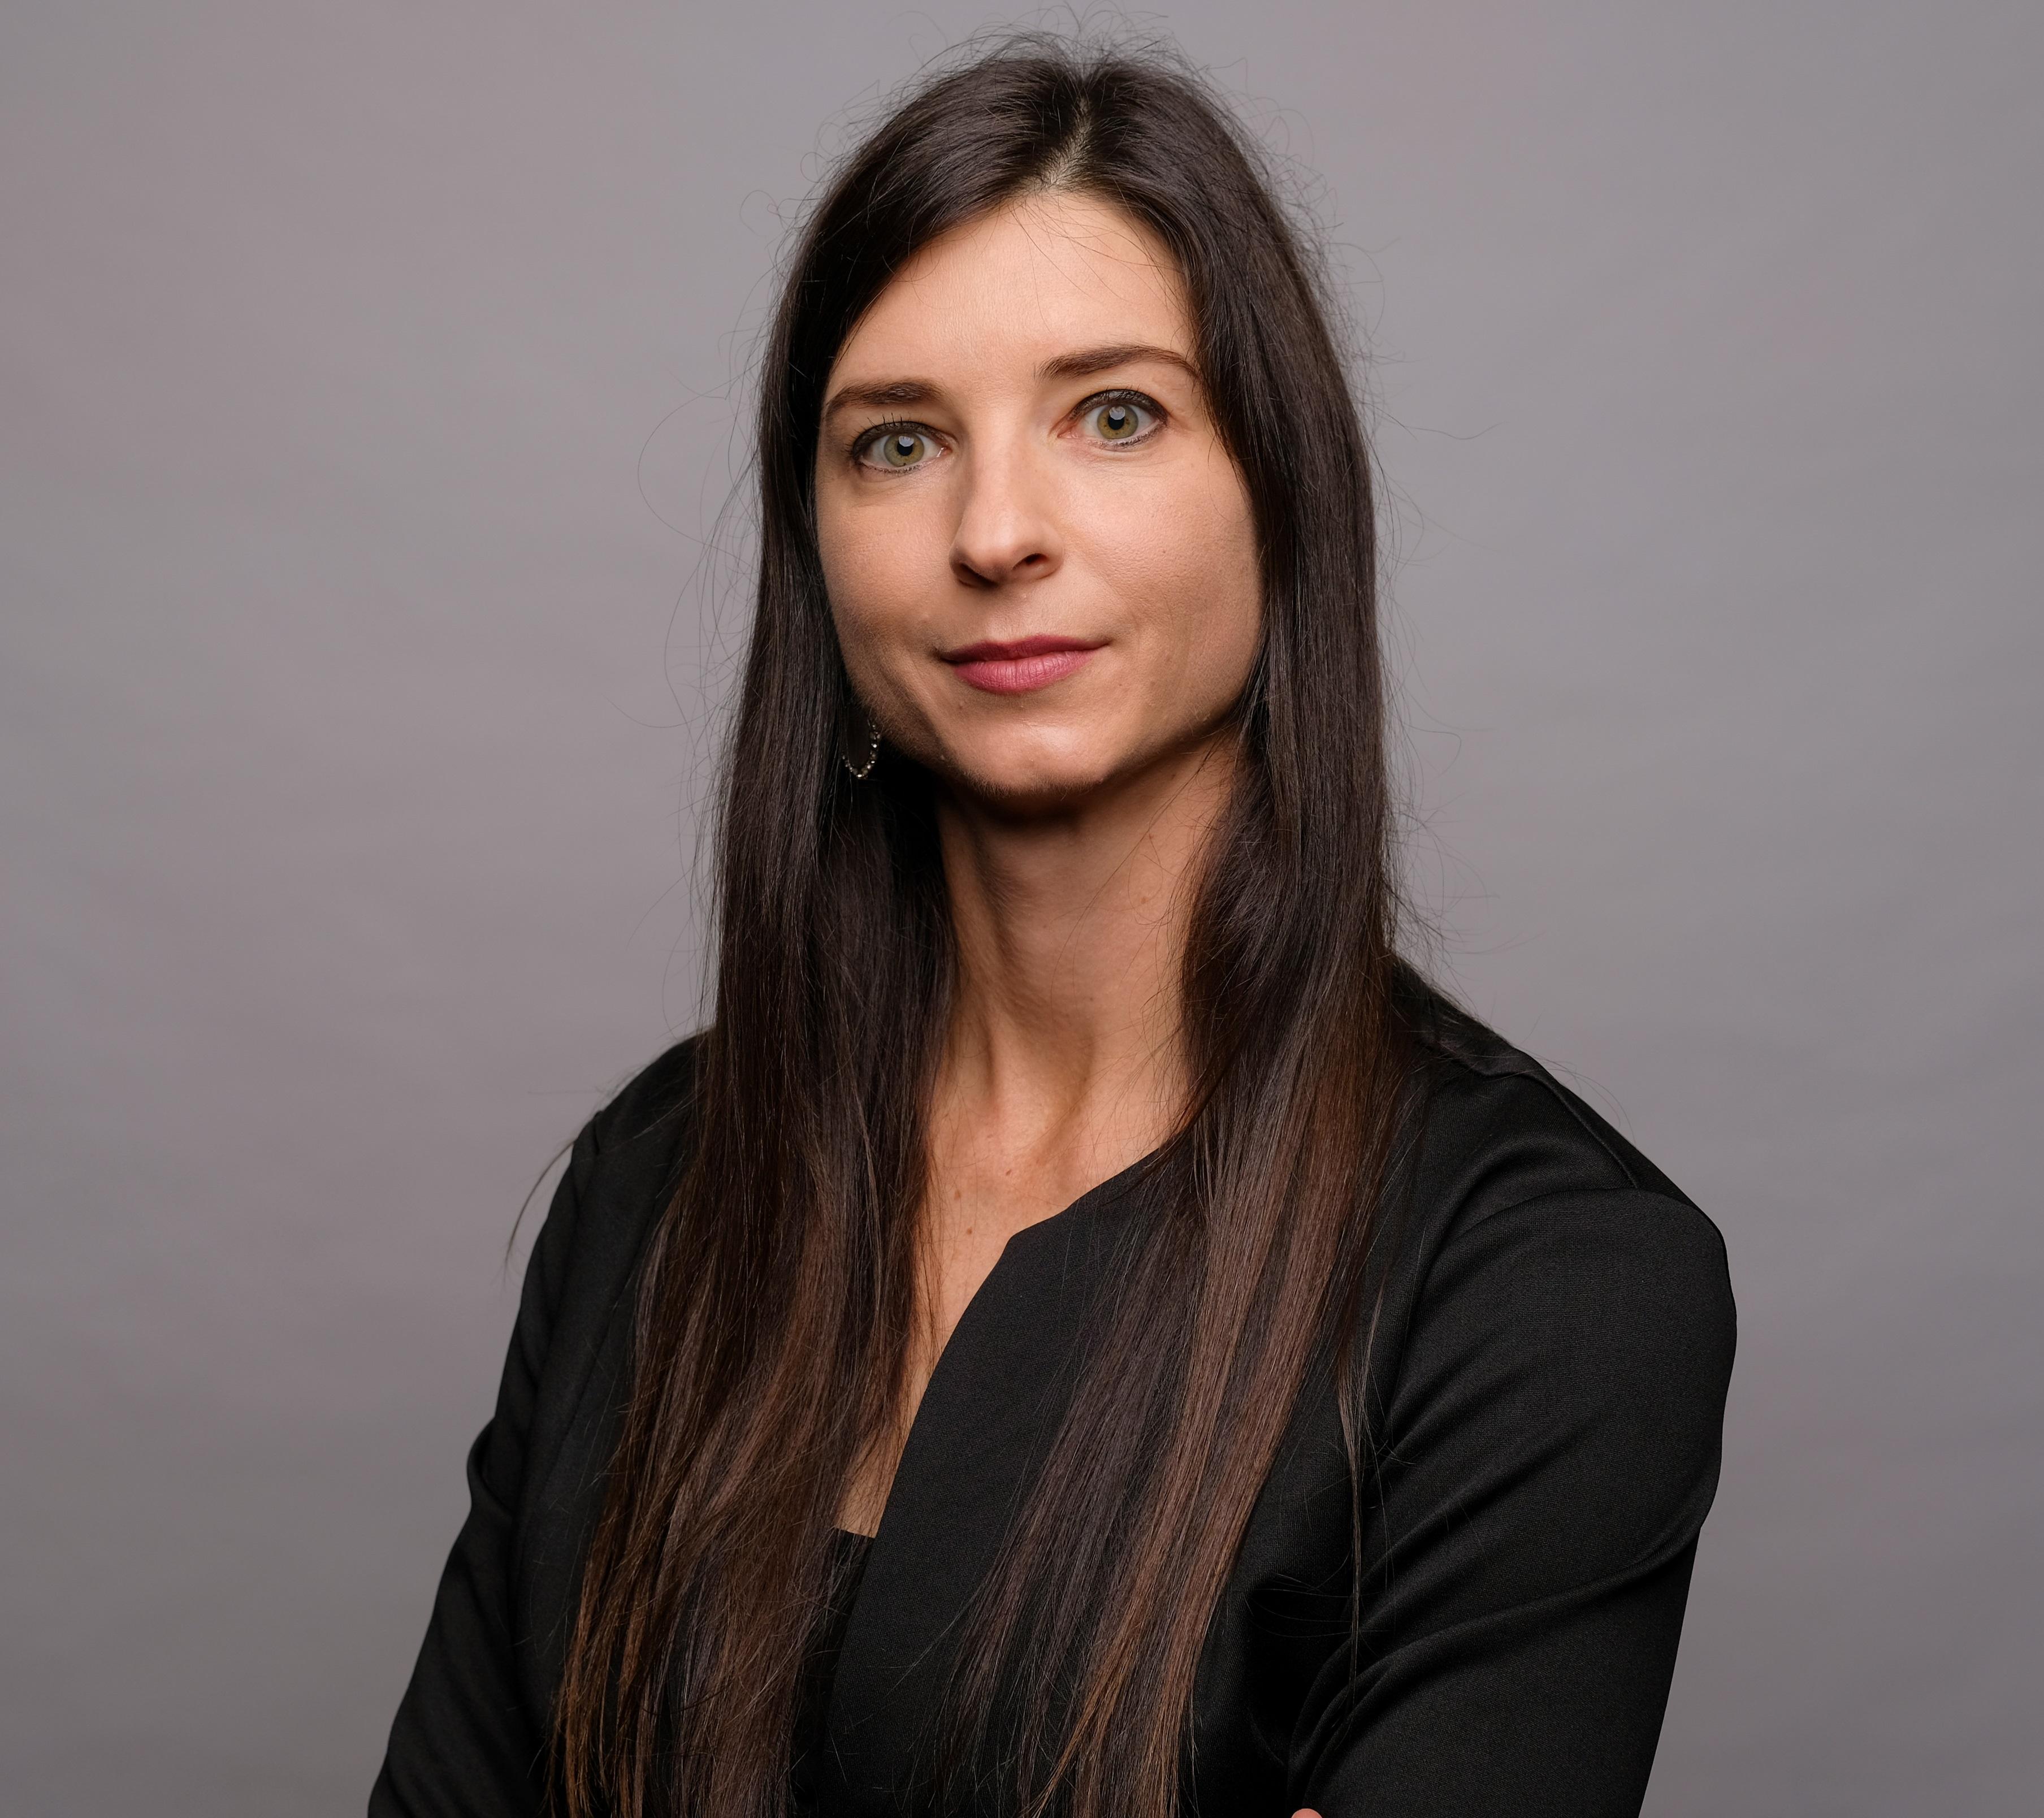 Raquel Dombroski